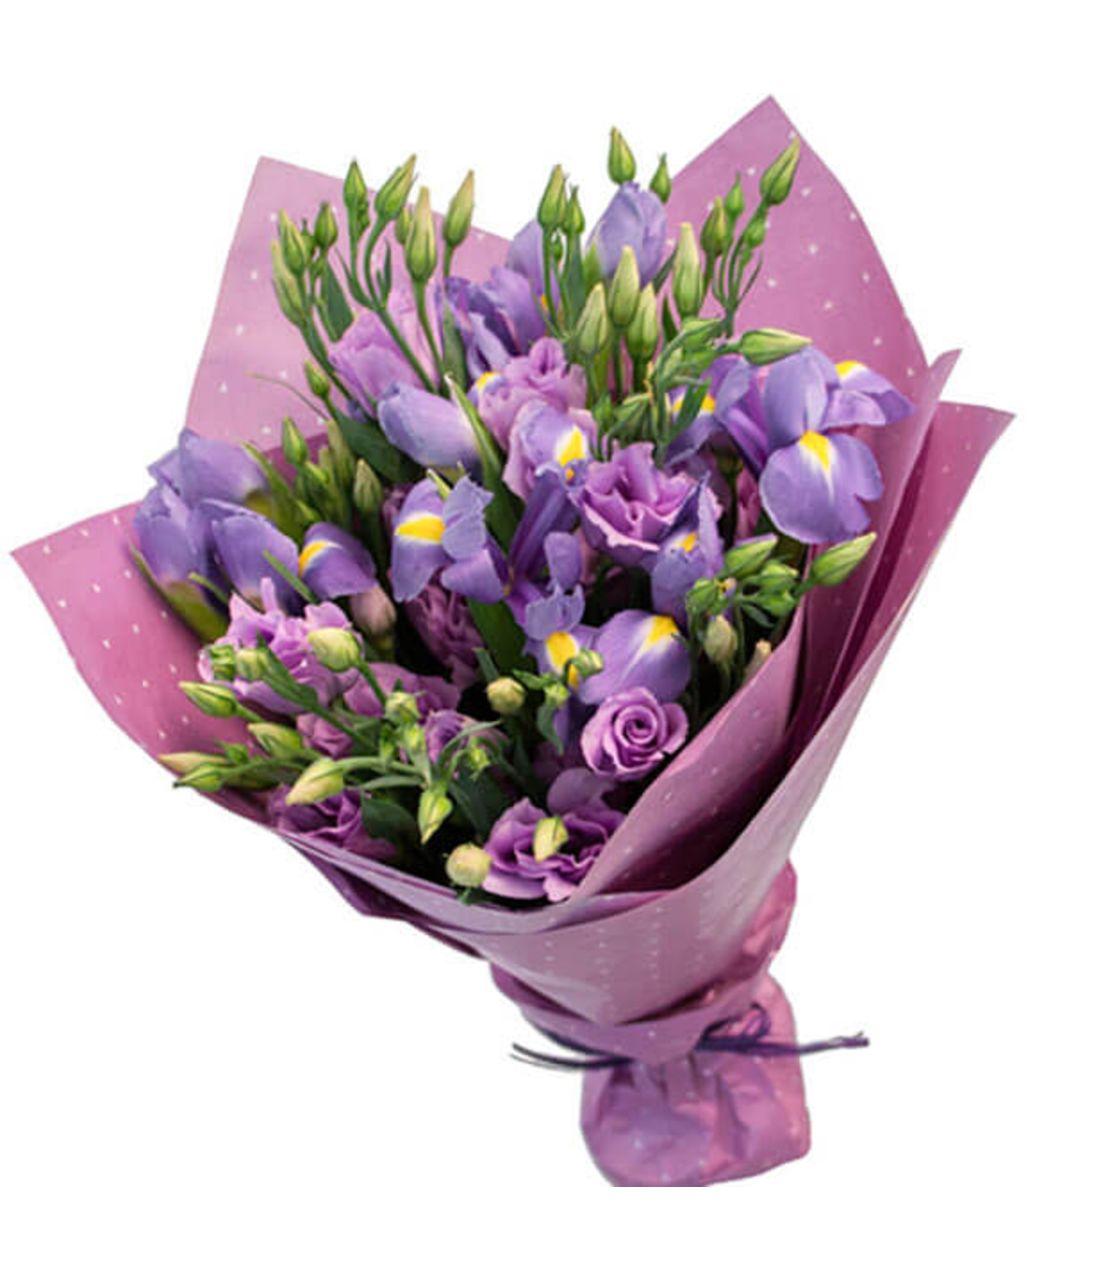 """Букет цветов микс """"Вероника"""". Superflowers.com.ua"""